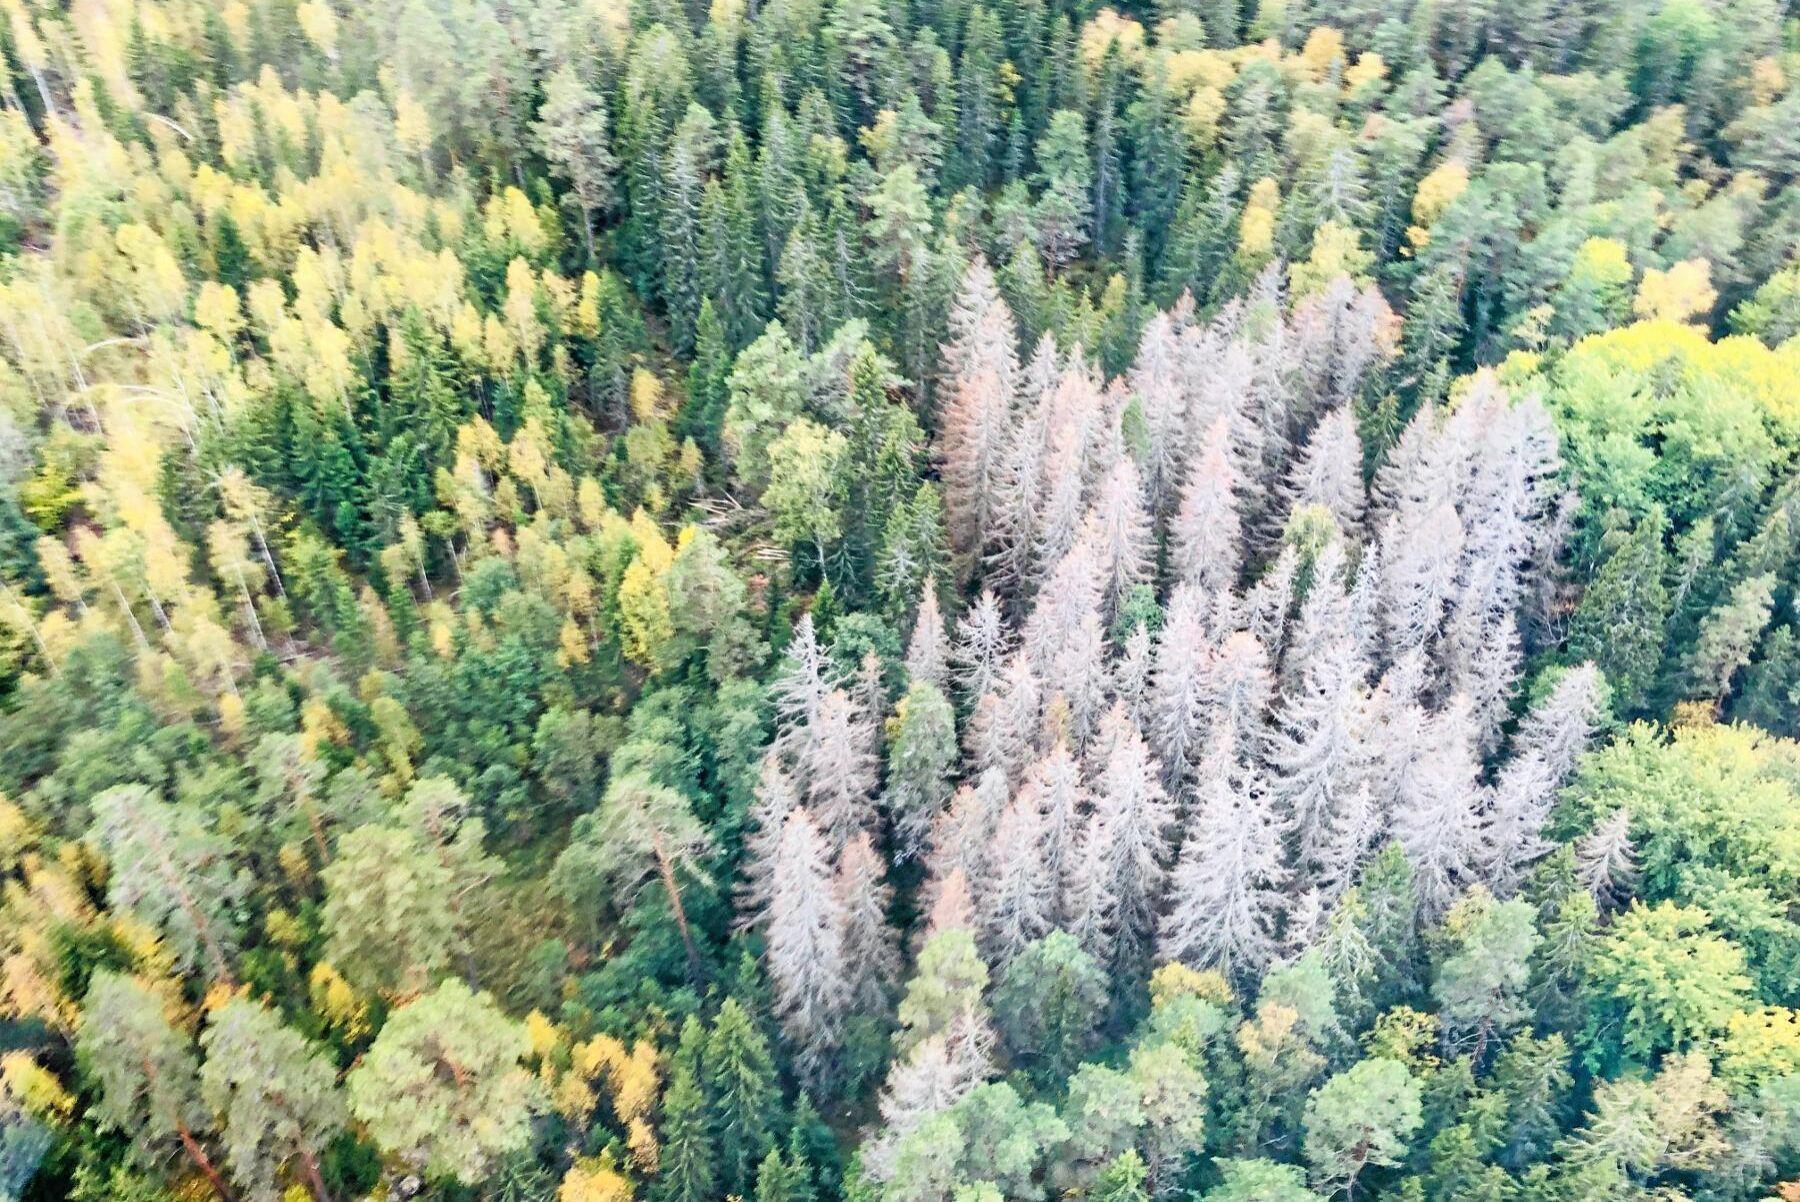 Både skadekostnaderna för skog och försäkringsbolagens kostnad för återförsäkring ökar. Det kan komma att påverka premierna framöver.